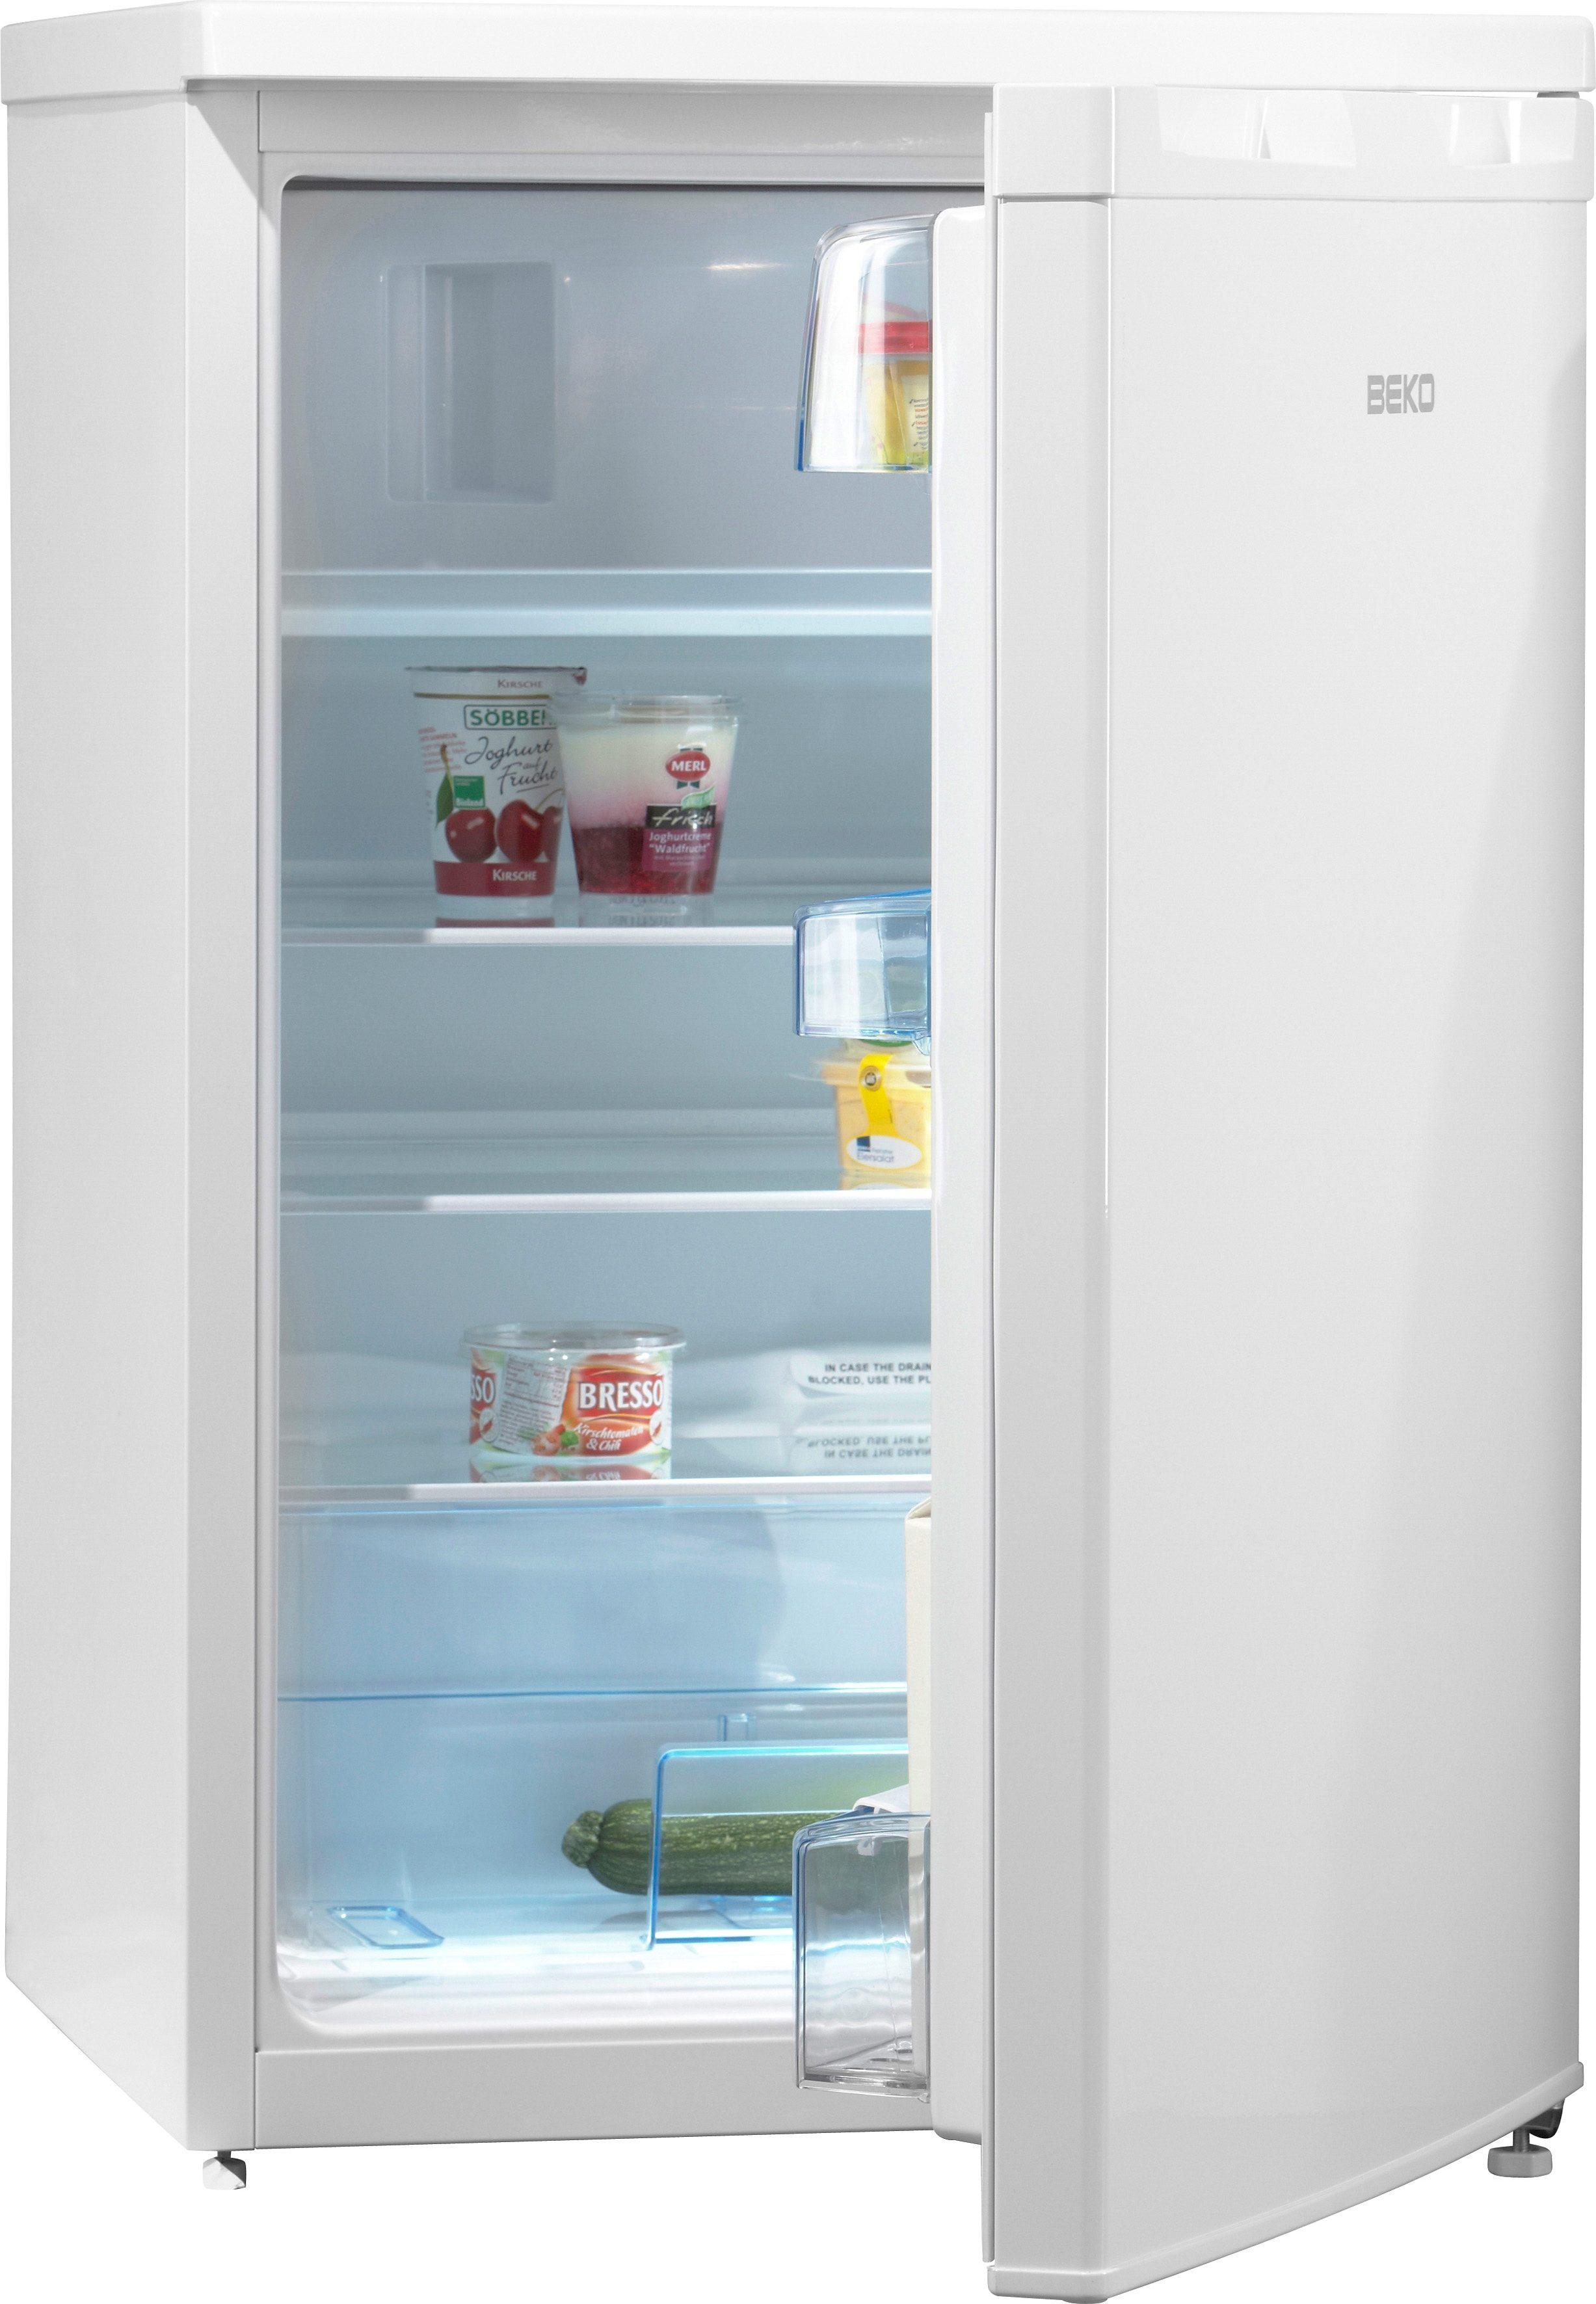 Beko Kühlschrank TSE 1283, A++, 84 cm hoch